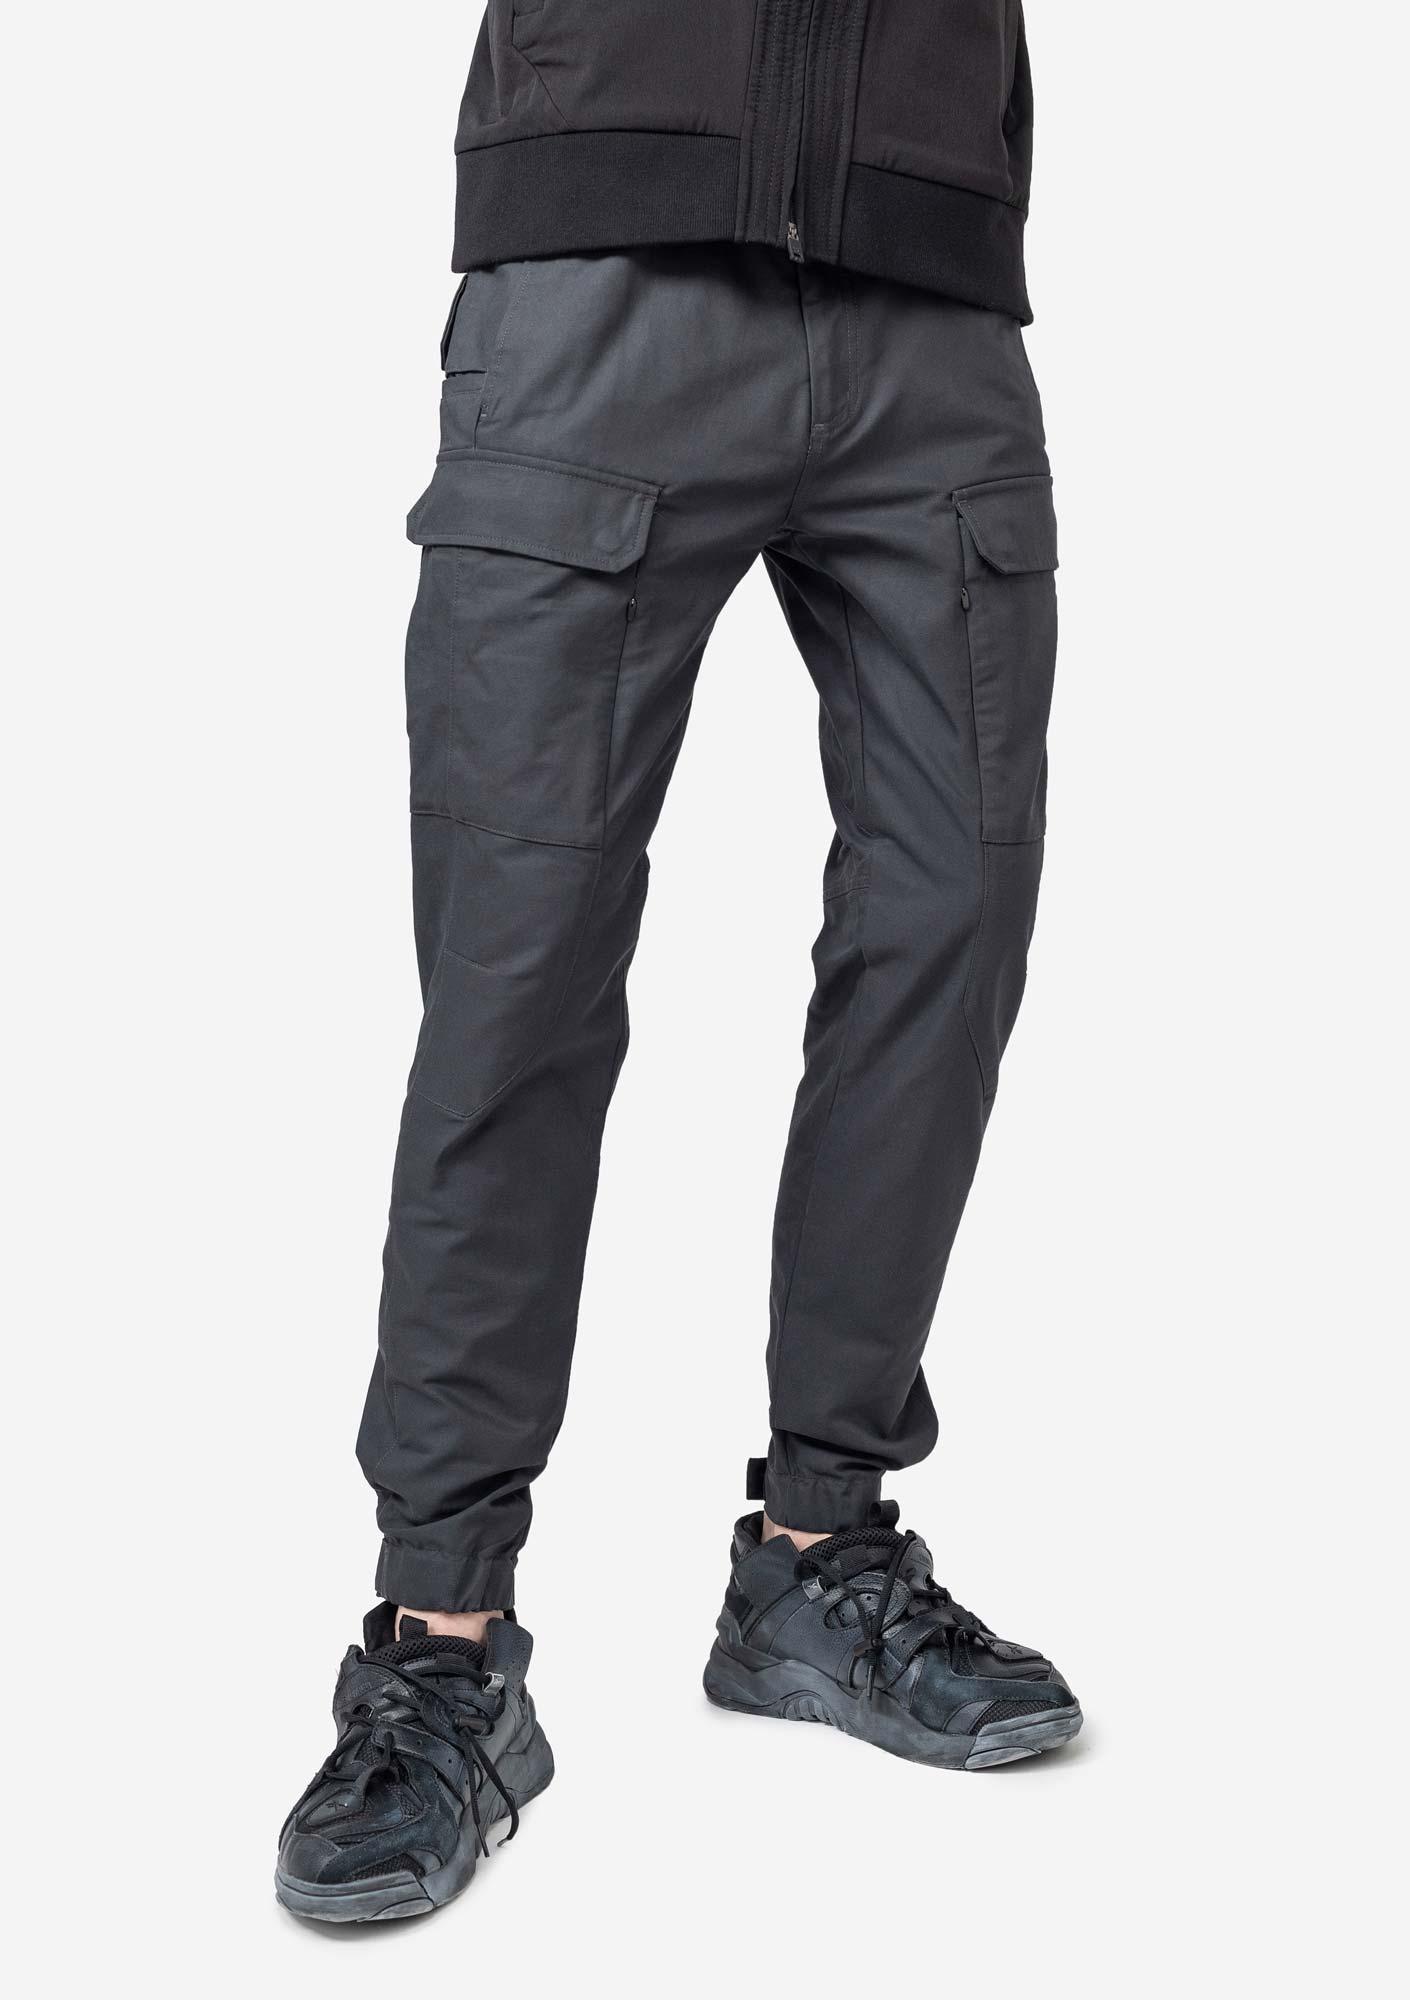 Прямые брюки-карго  KRAKATAU R92/2